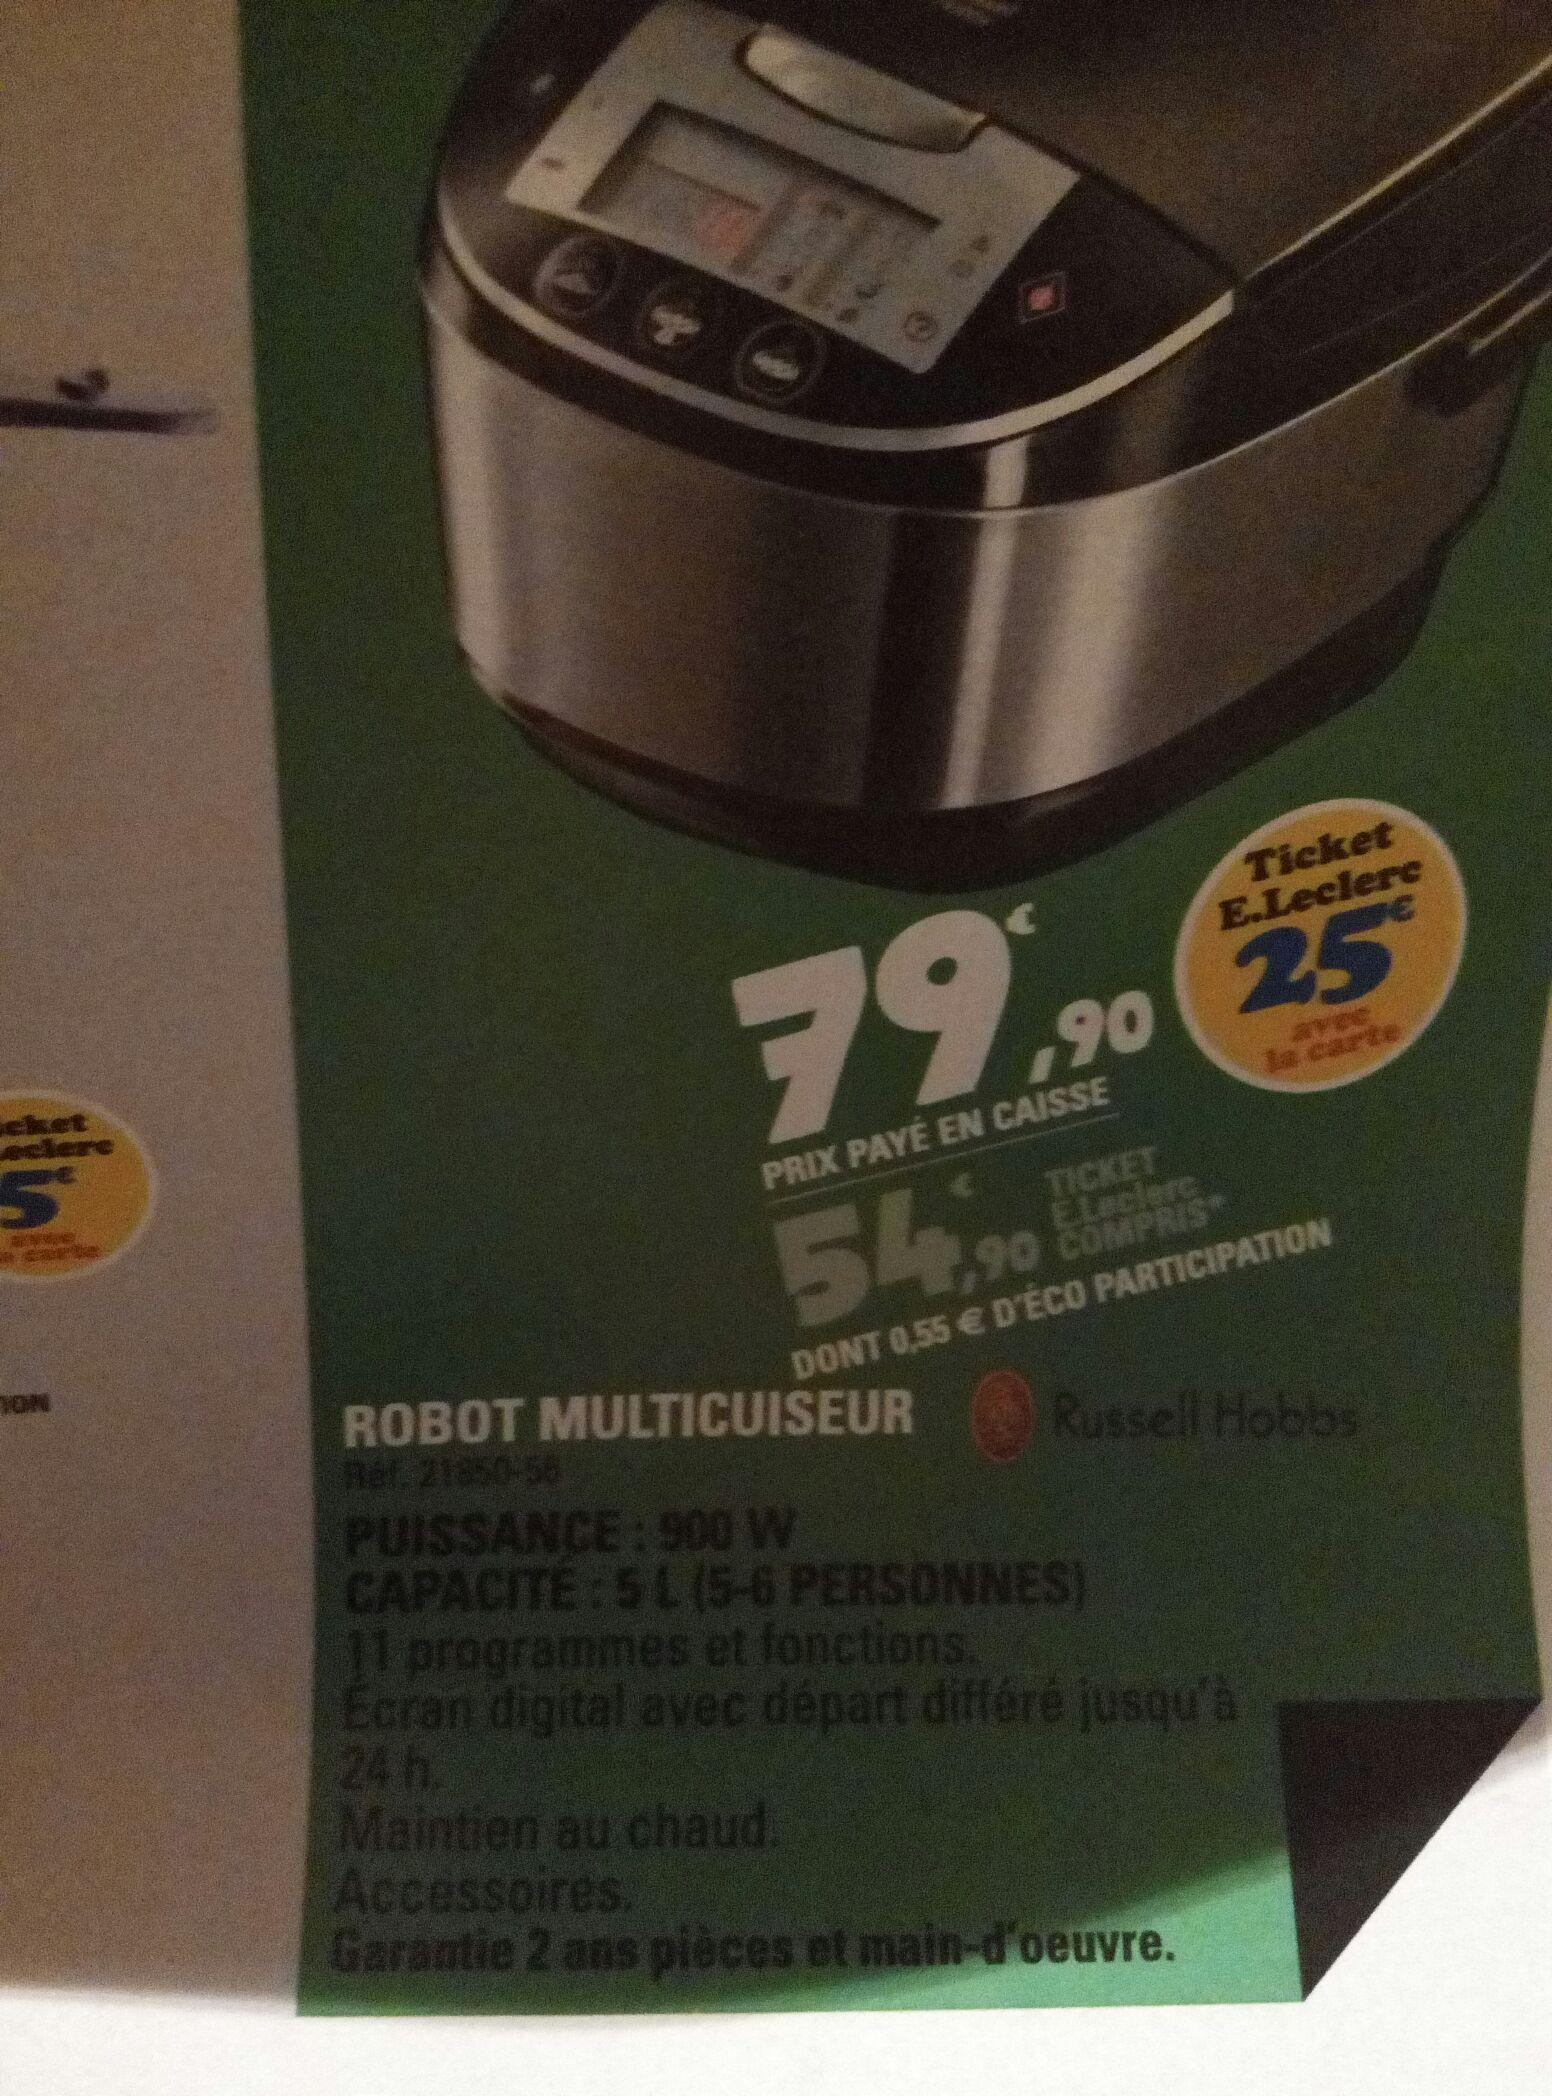 Robot multicuiseur Russell Hobbs (avec 25€ en ticket Leclerc)